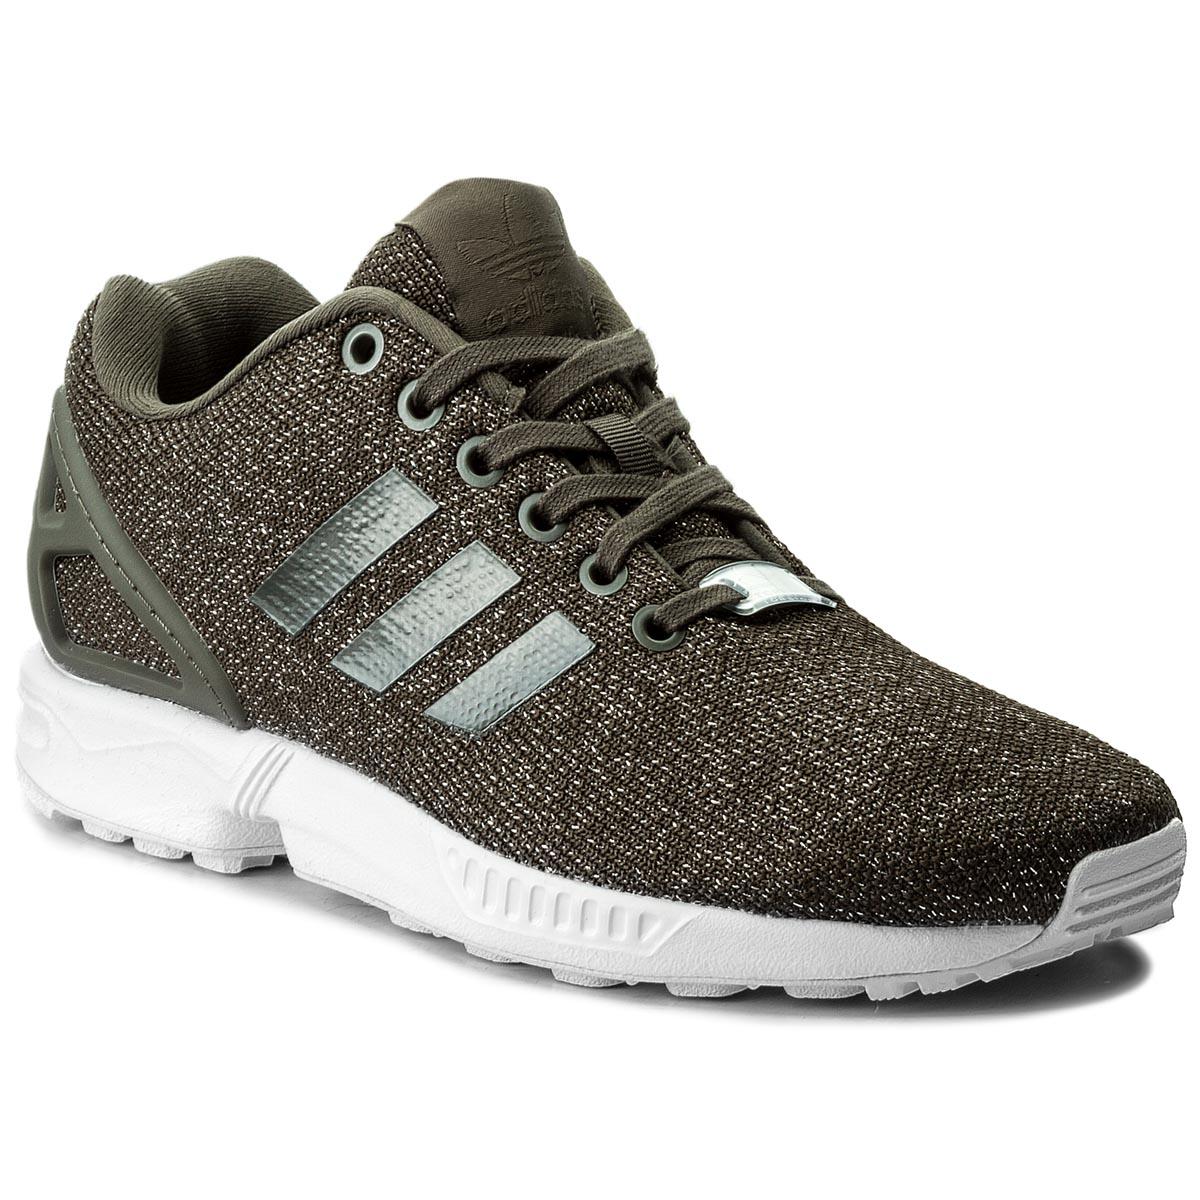 Shoes adidas Zx Flux W BY9224 CblackCblackFtwwht